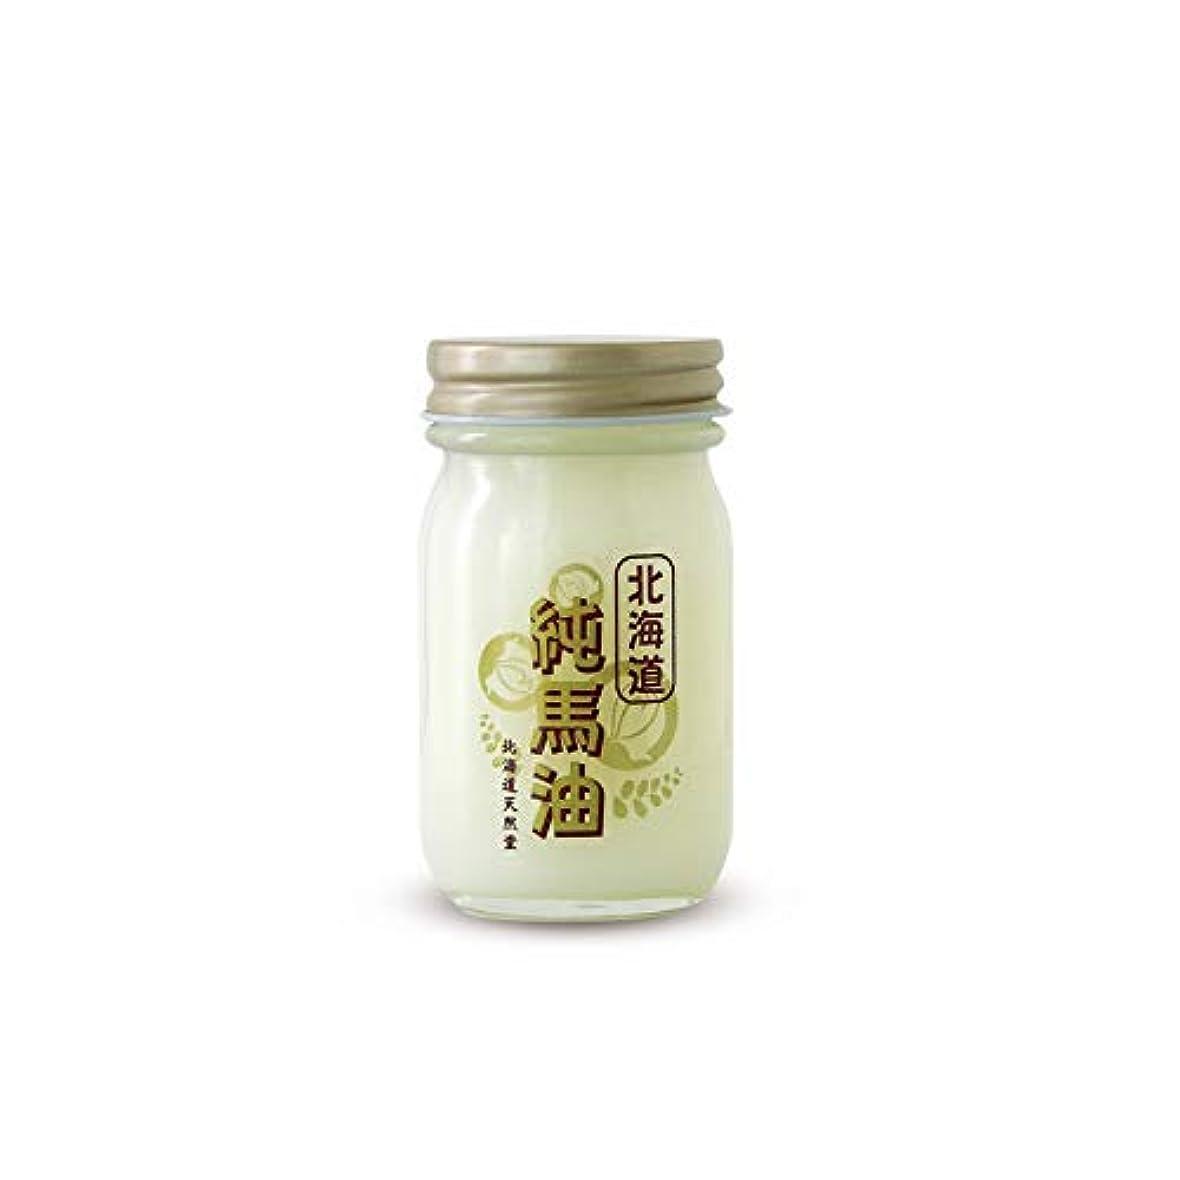 ピンポイントブラケット差別的純馬油 70ml 【国内限定】/ 北海道天然堂